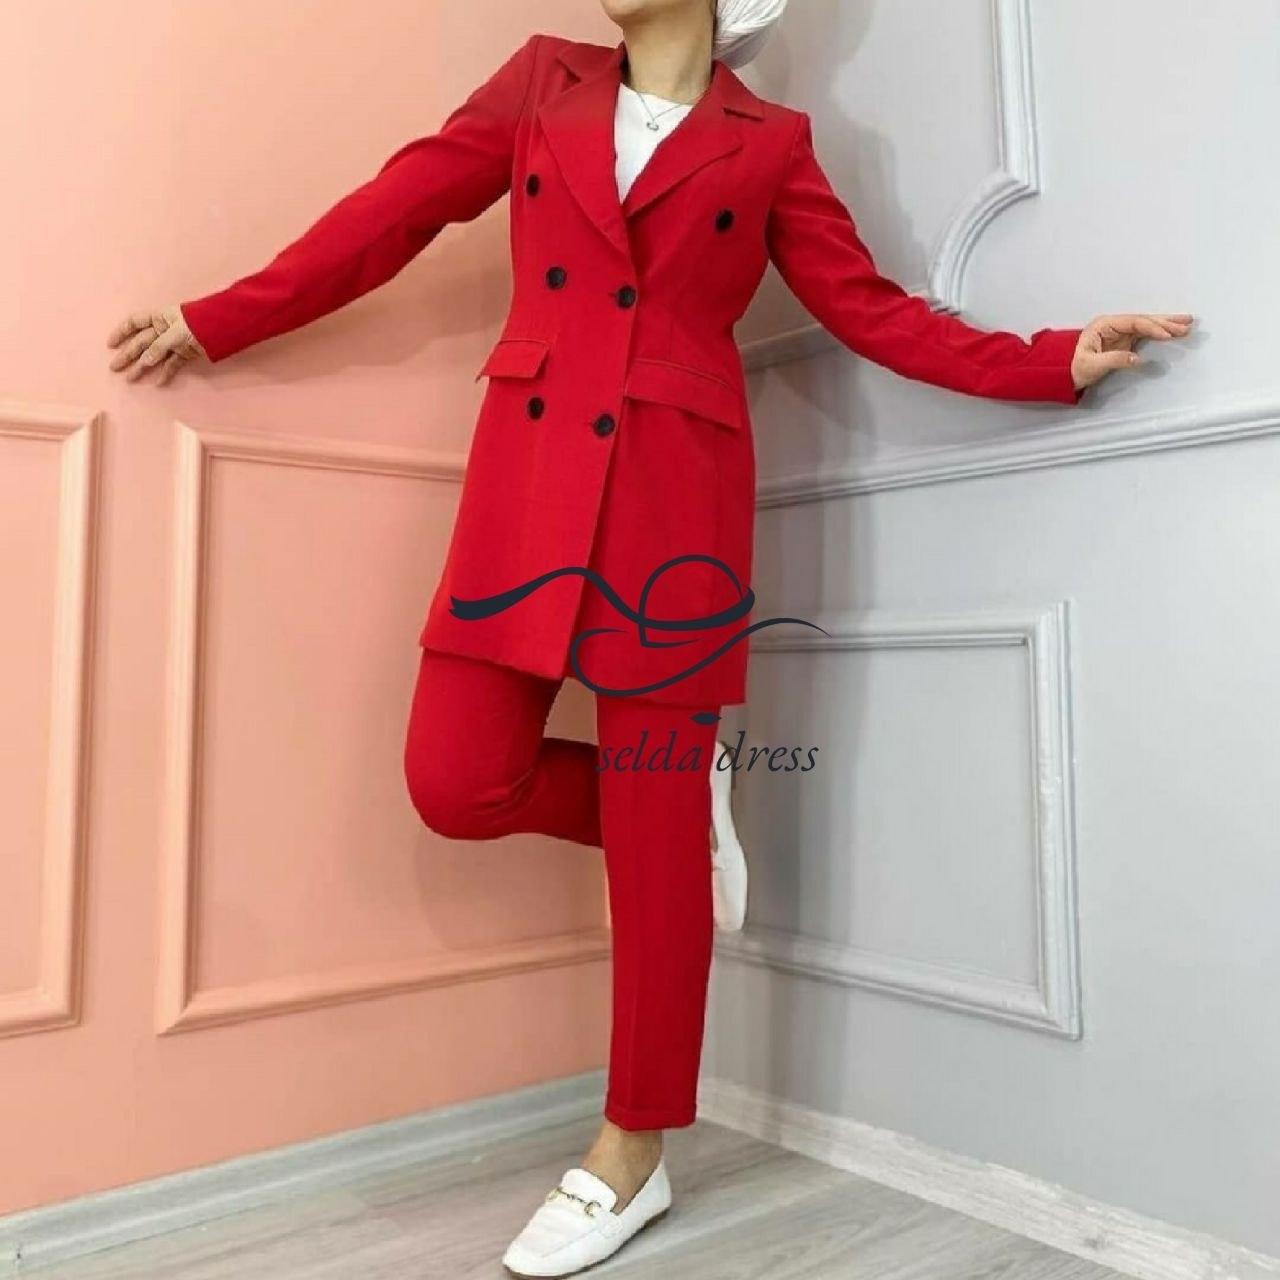 تصویر کت و شلوار جدید ۱۴۰۰ کت و شلوار دخترانه و زنانه ۱۹۵ - قرمز / ۳۶ ا 195 195